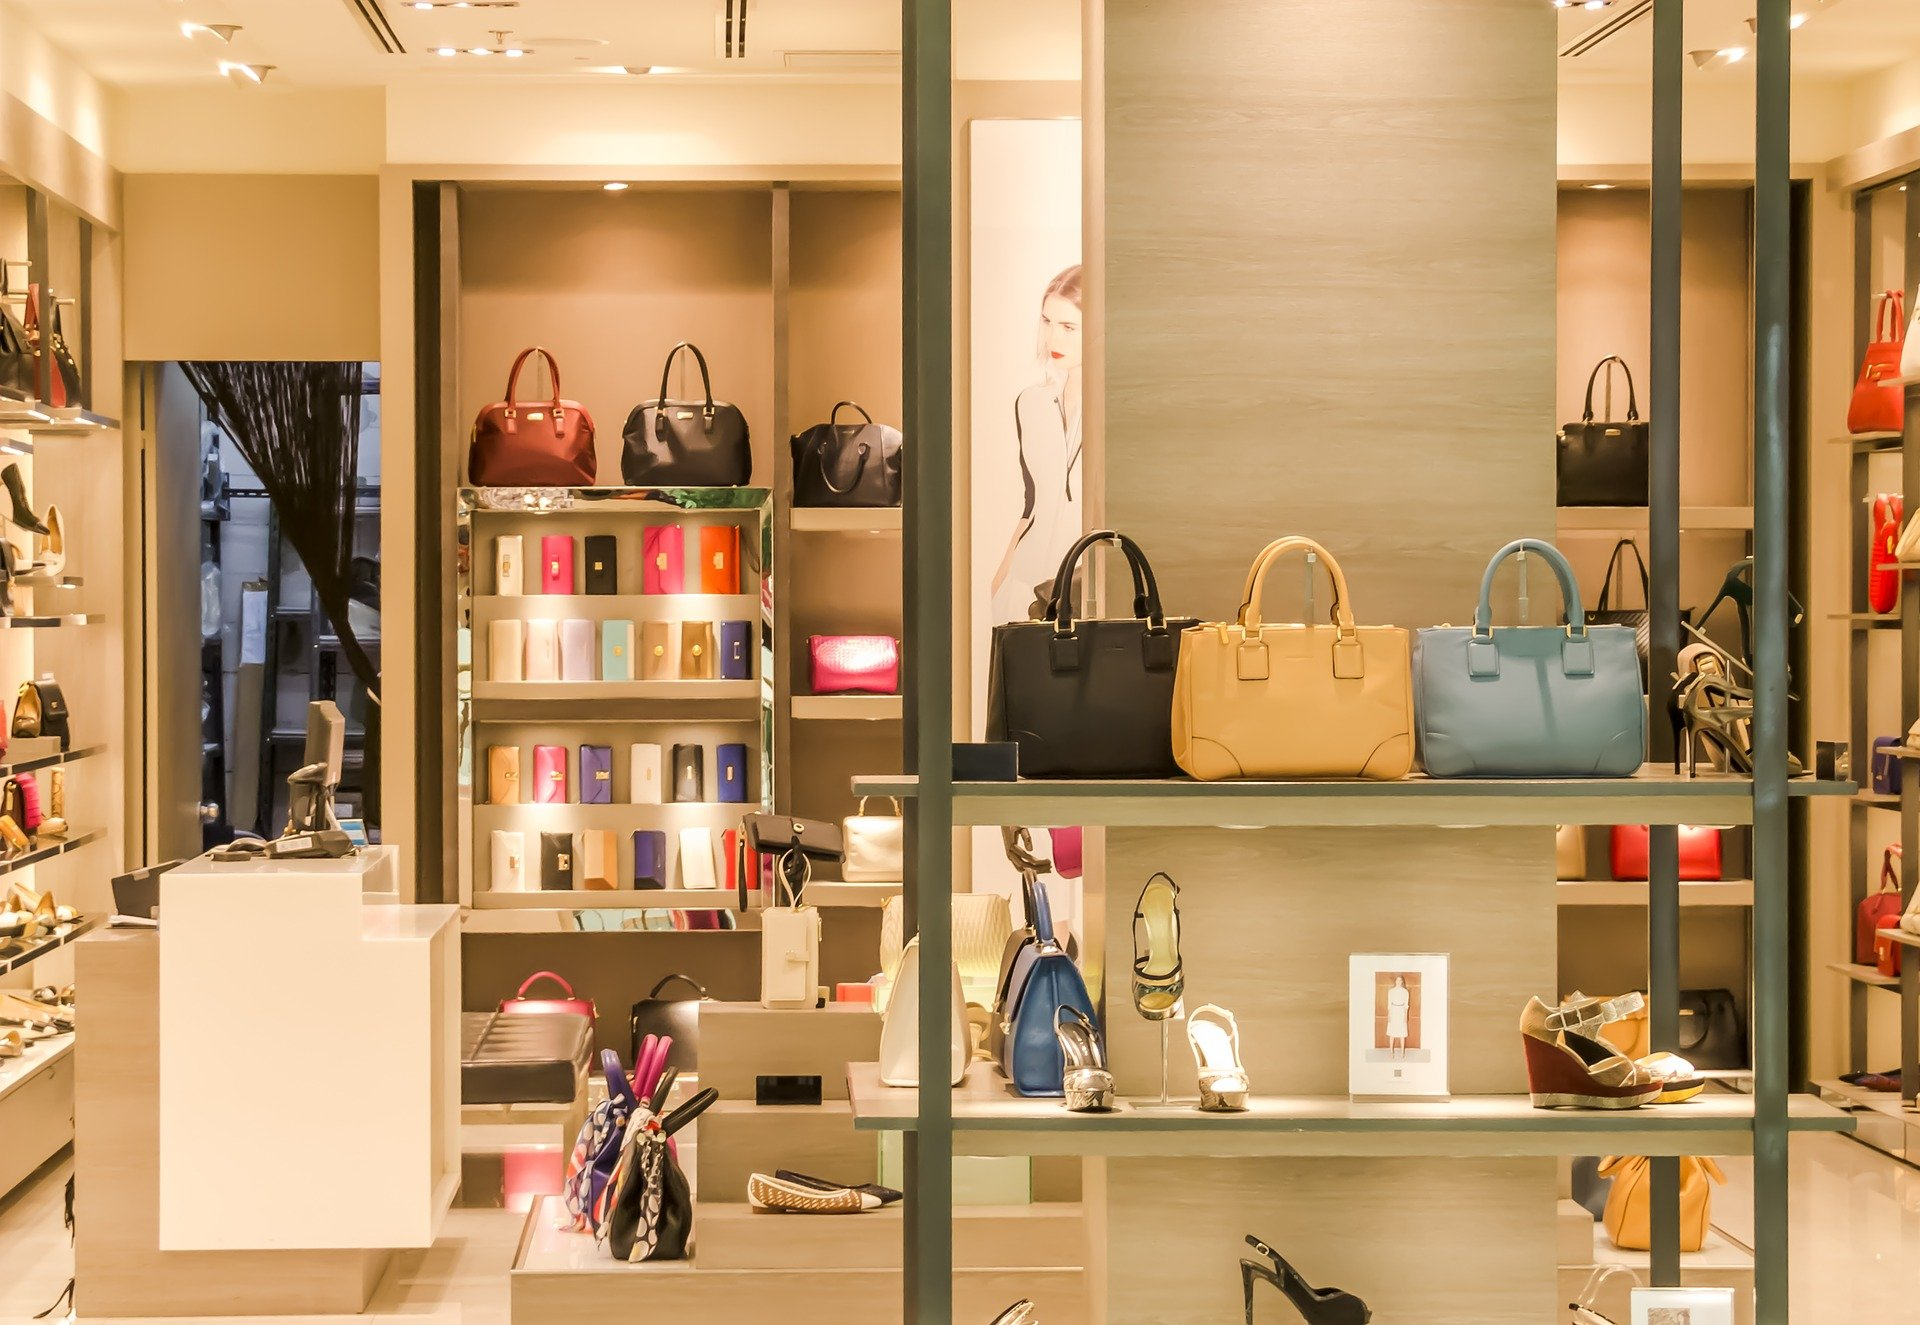 Wnętrze sklepu - przykładowa aranżacja